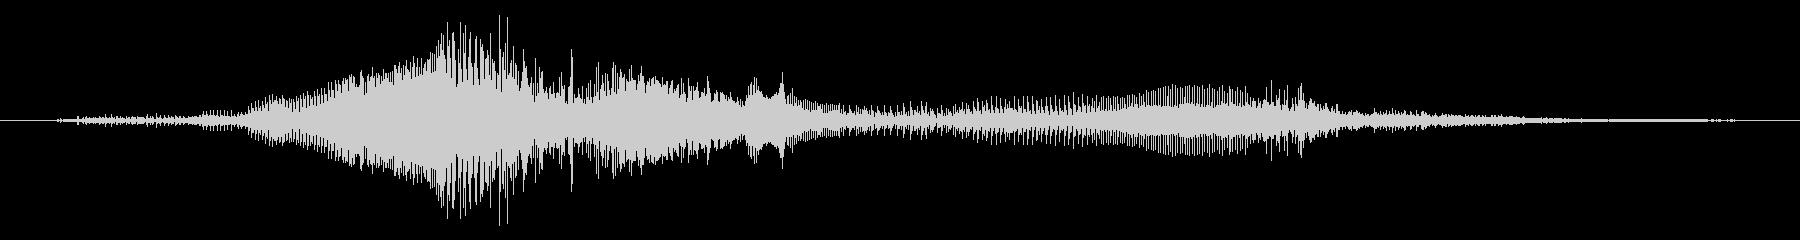 モンスター ダイハイ04の未再生の波形